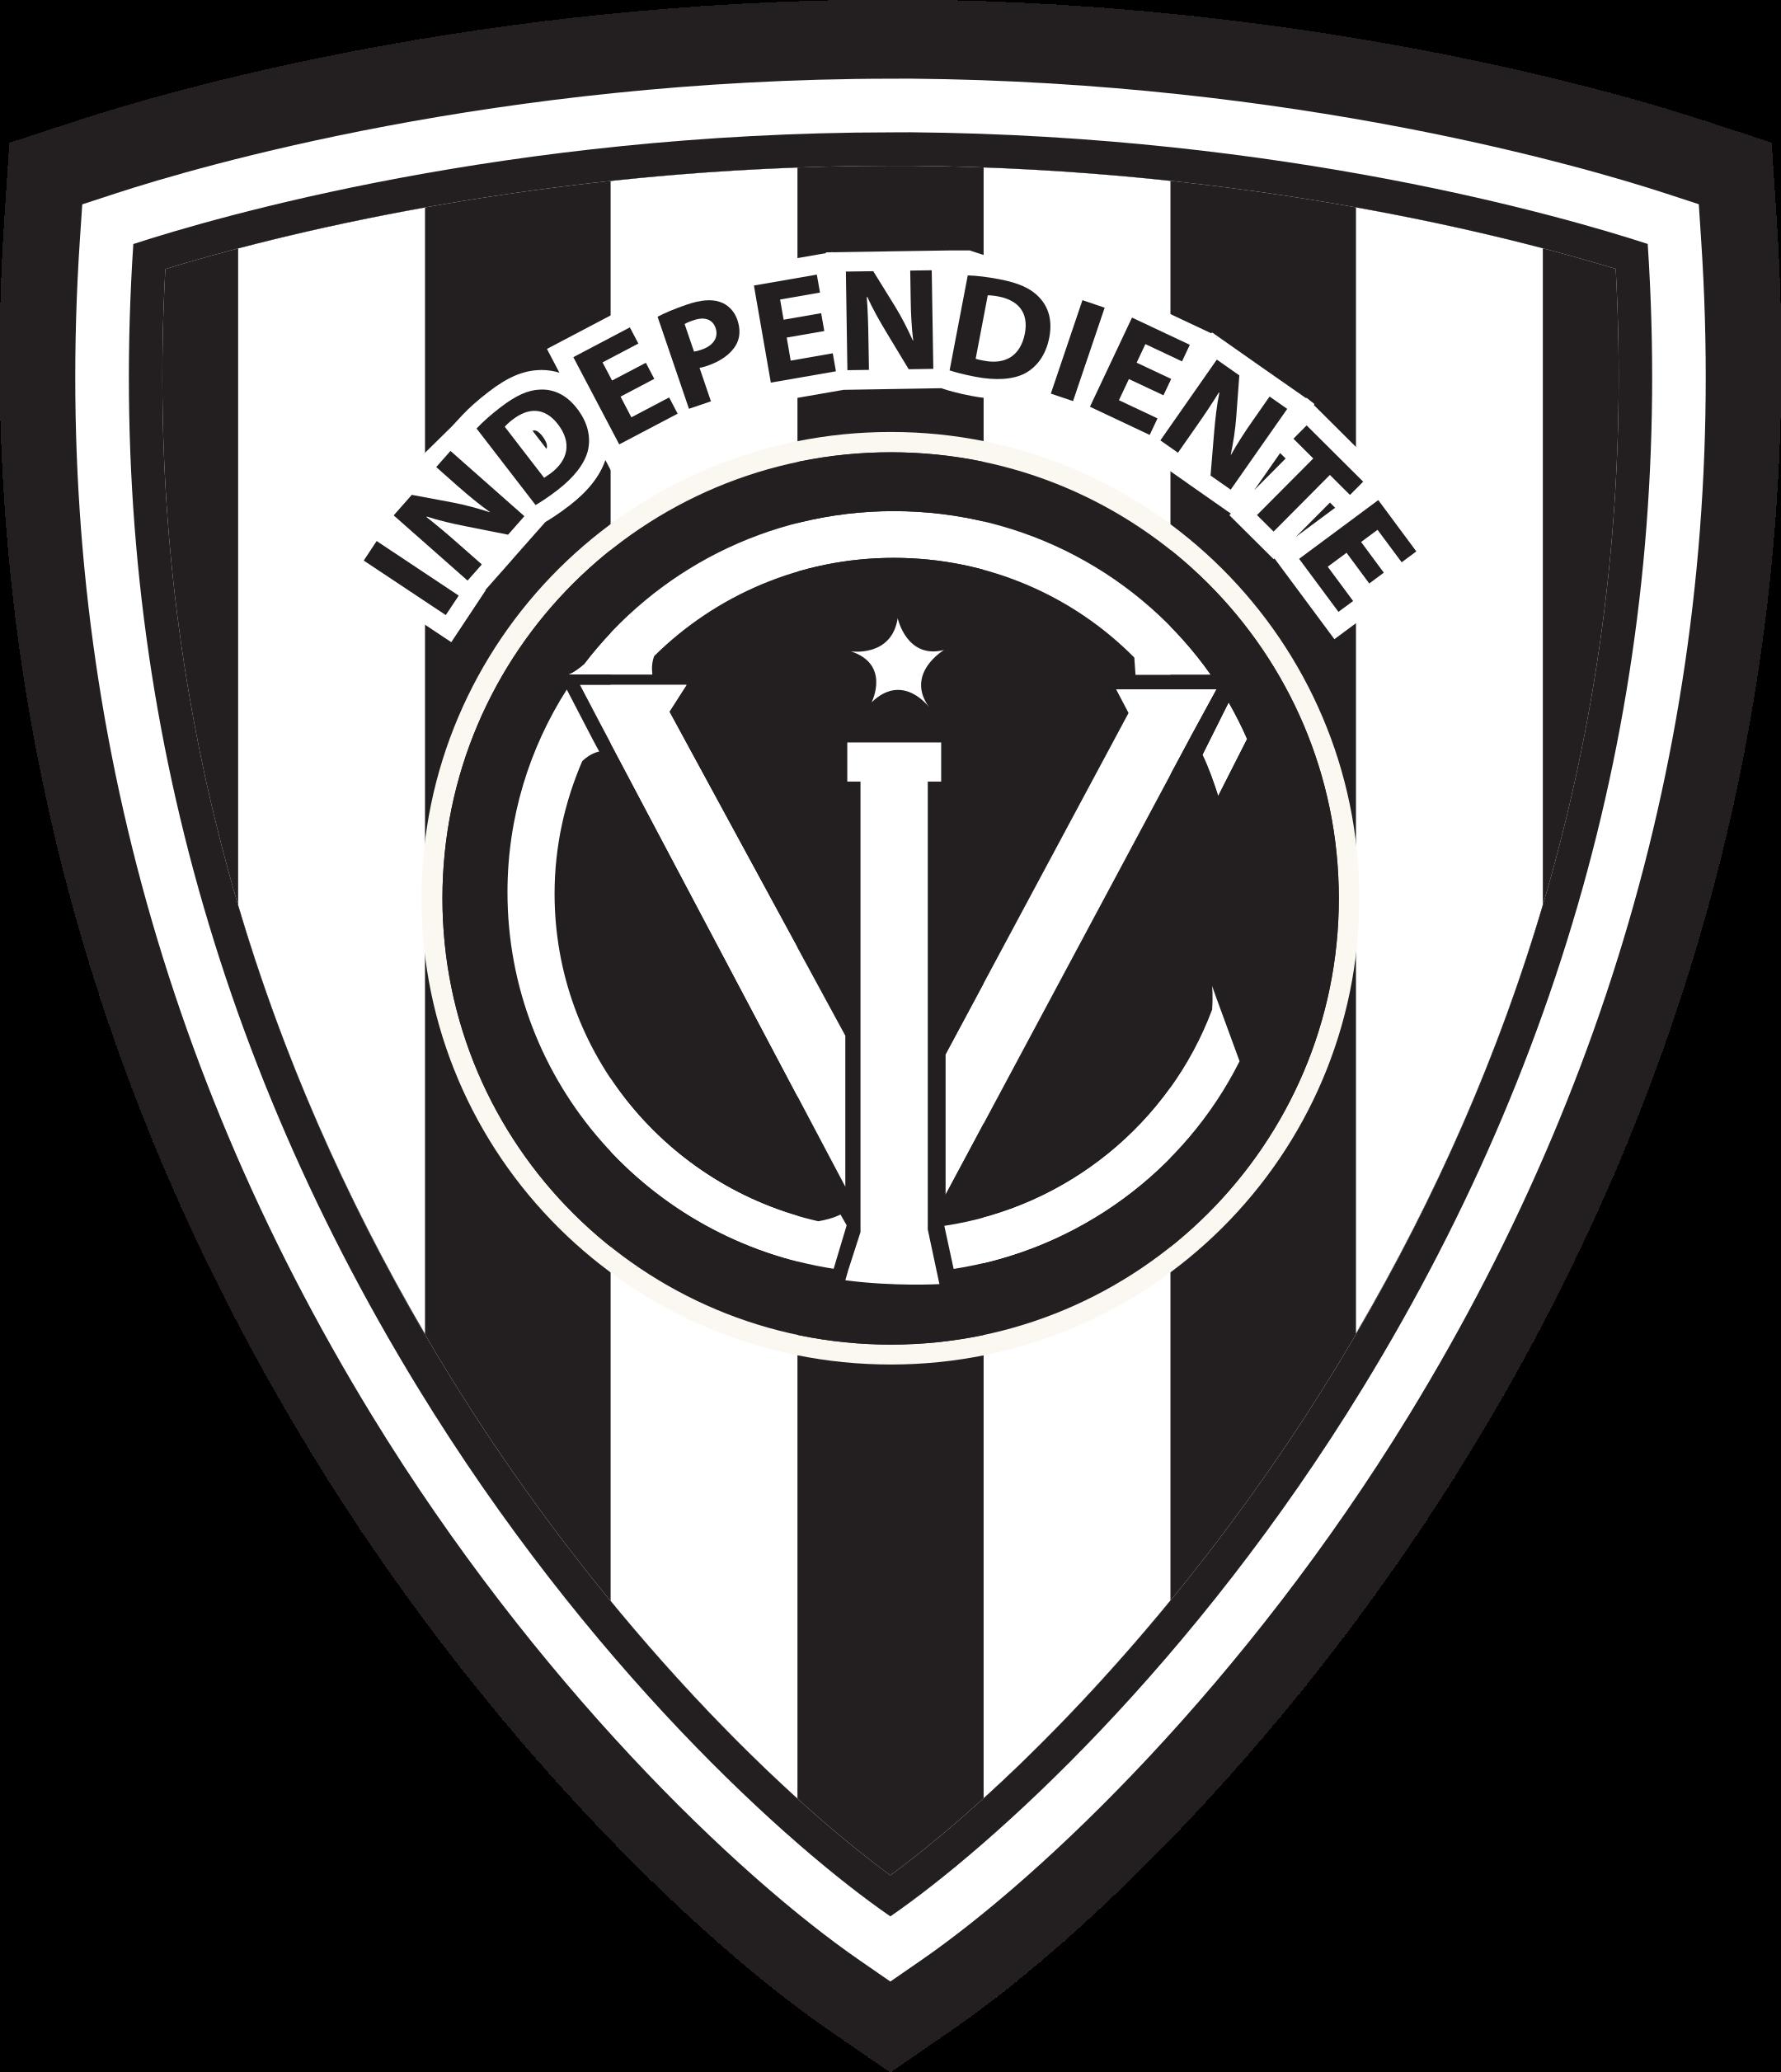 independiente del valle logo 1 - Independiente del Valle Logo